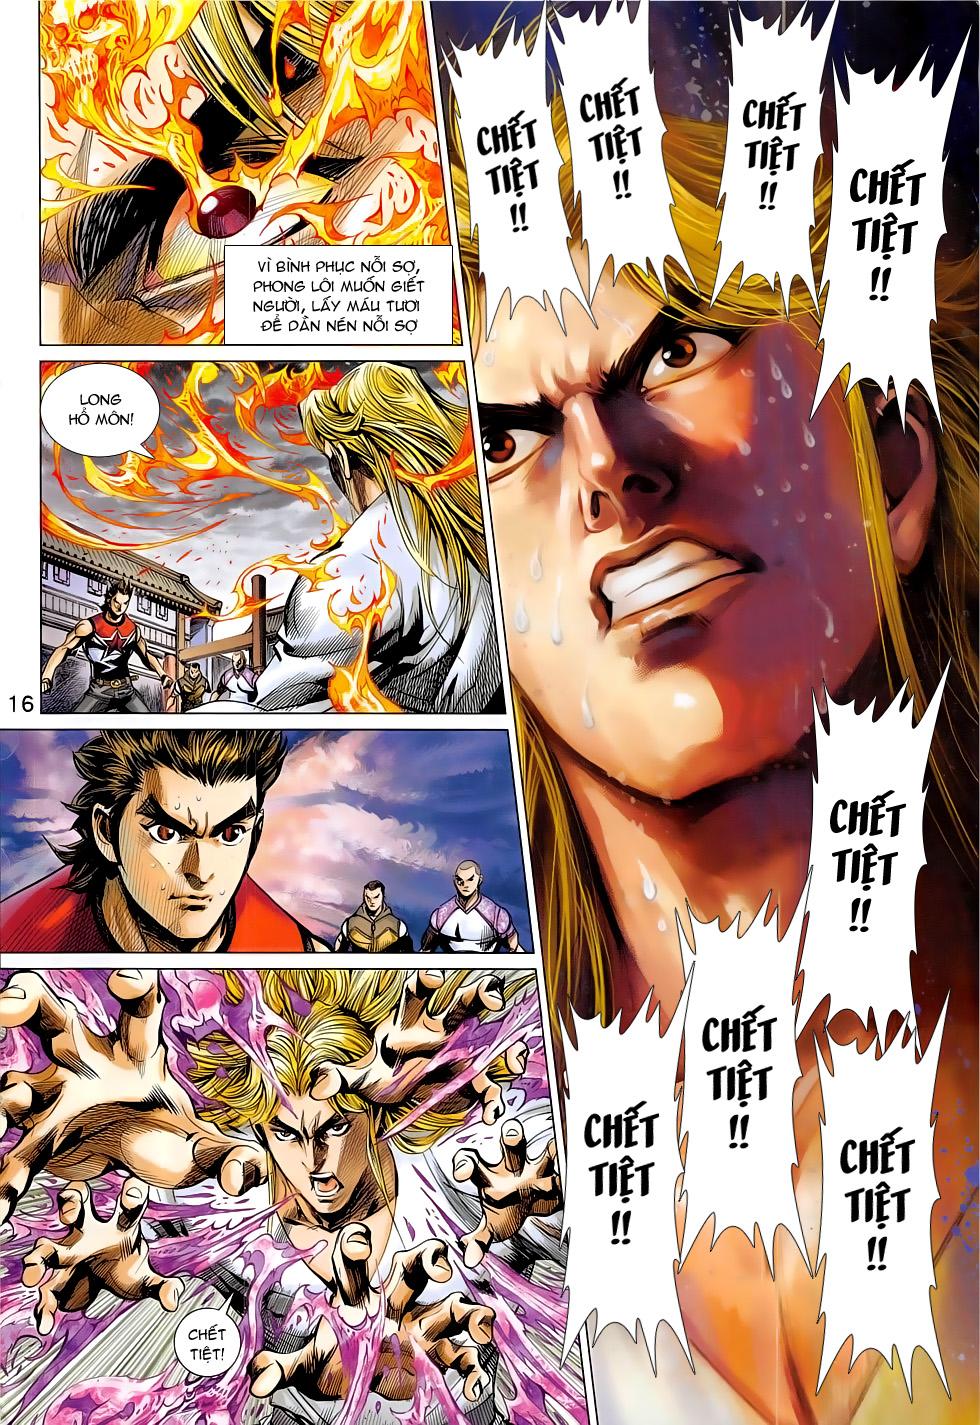 Đông Phương Chân Long chap 64 - Trang 16